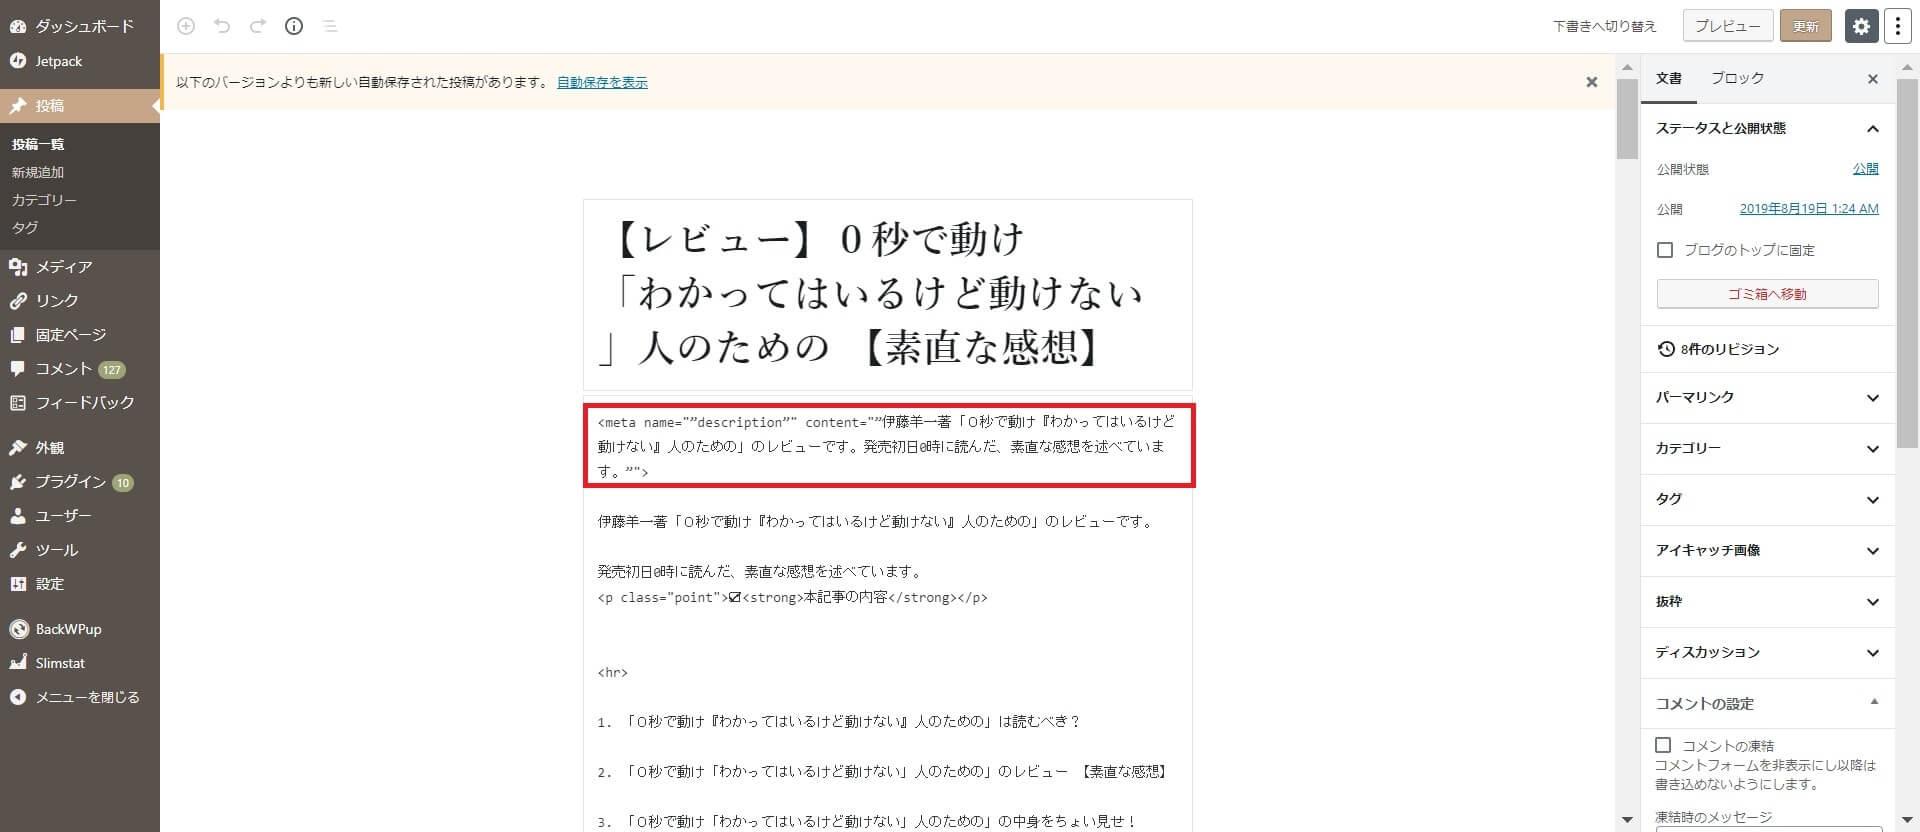 メタディスクリプションのHTMLタグ